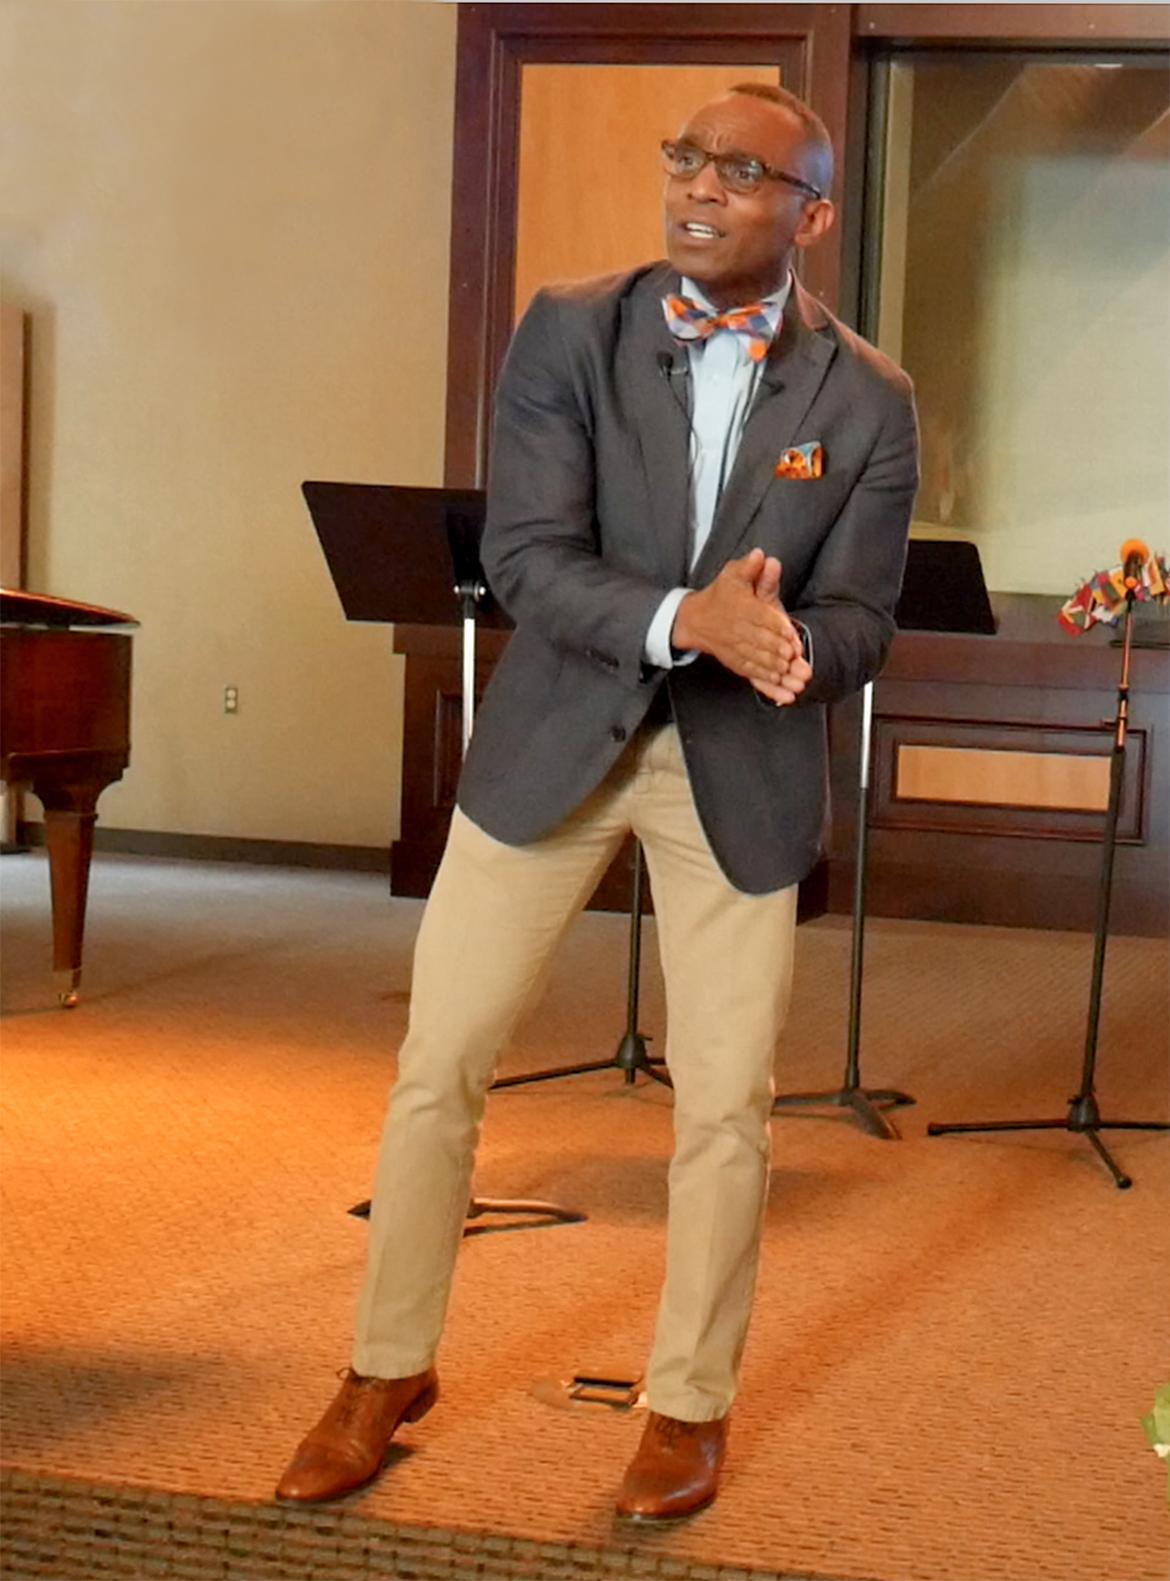 Steven Garner, Motivational Speaker